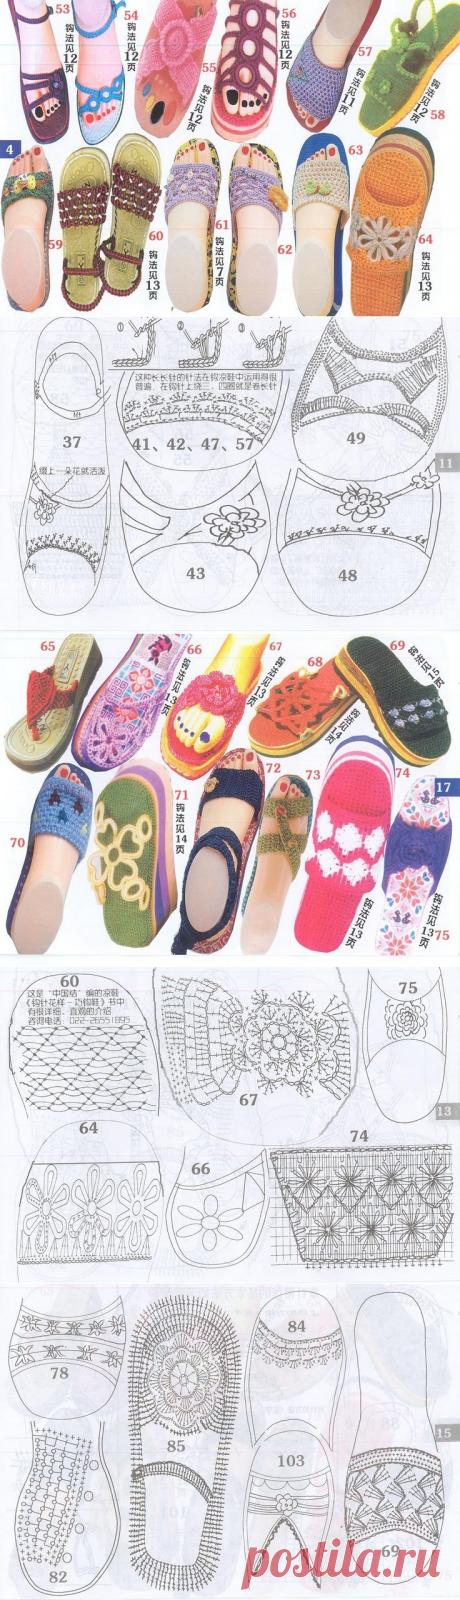 Вязаная обувь. Схемы вязания